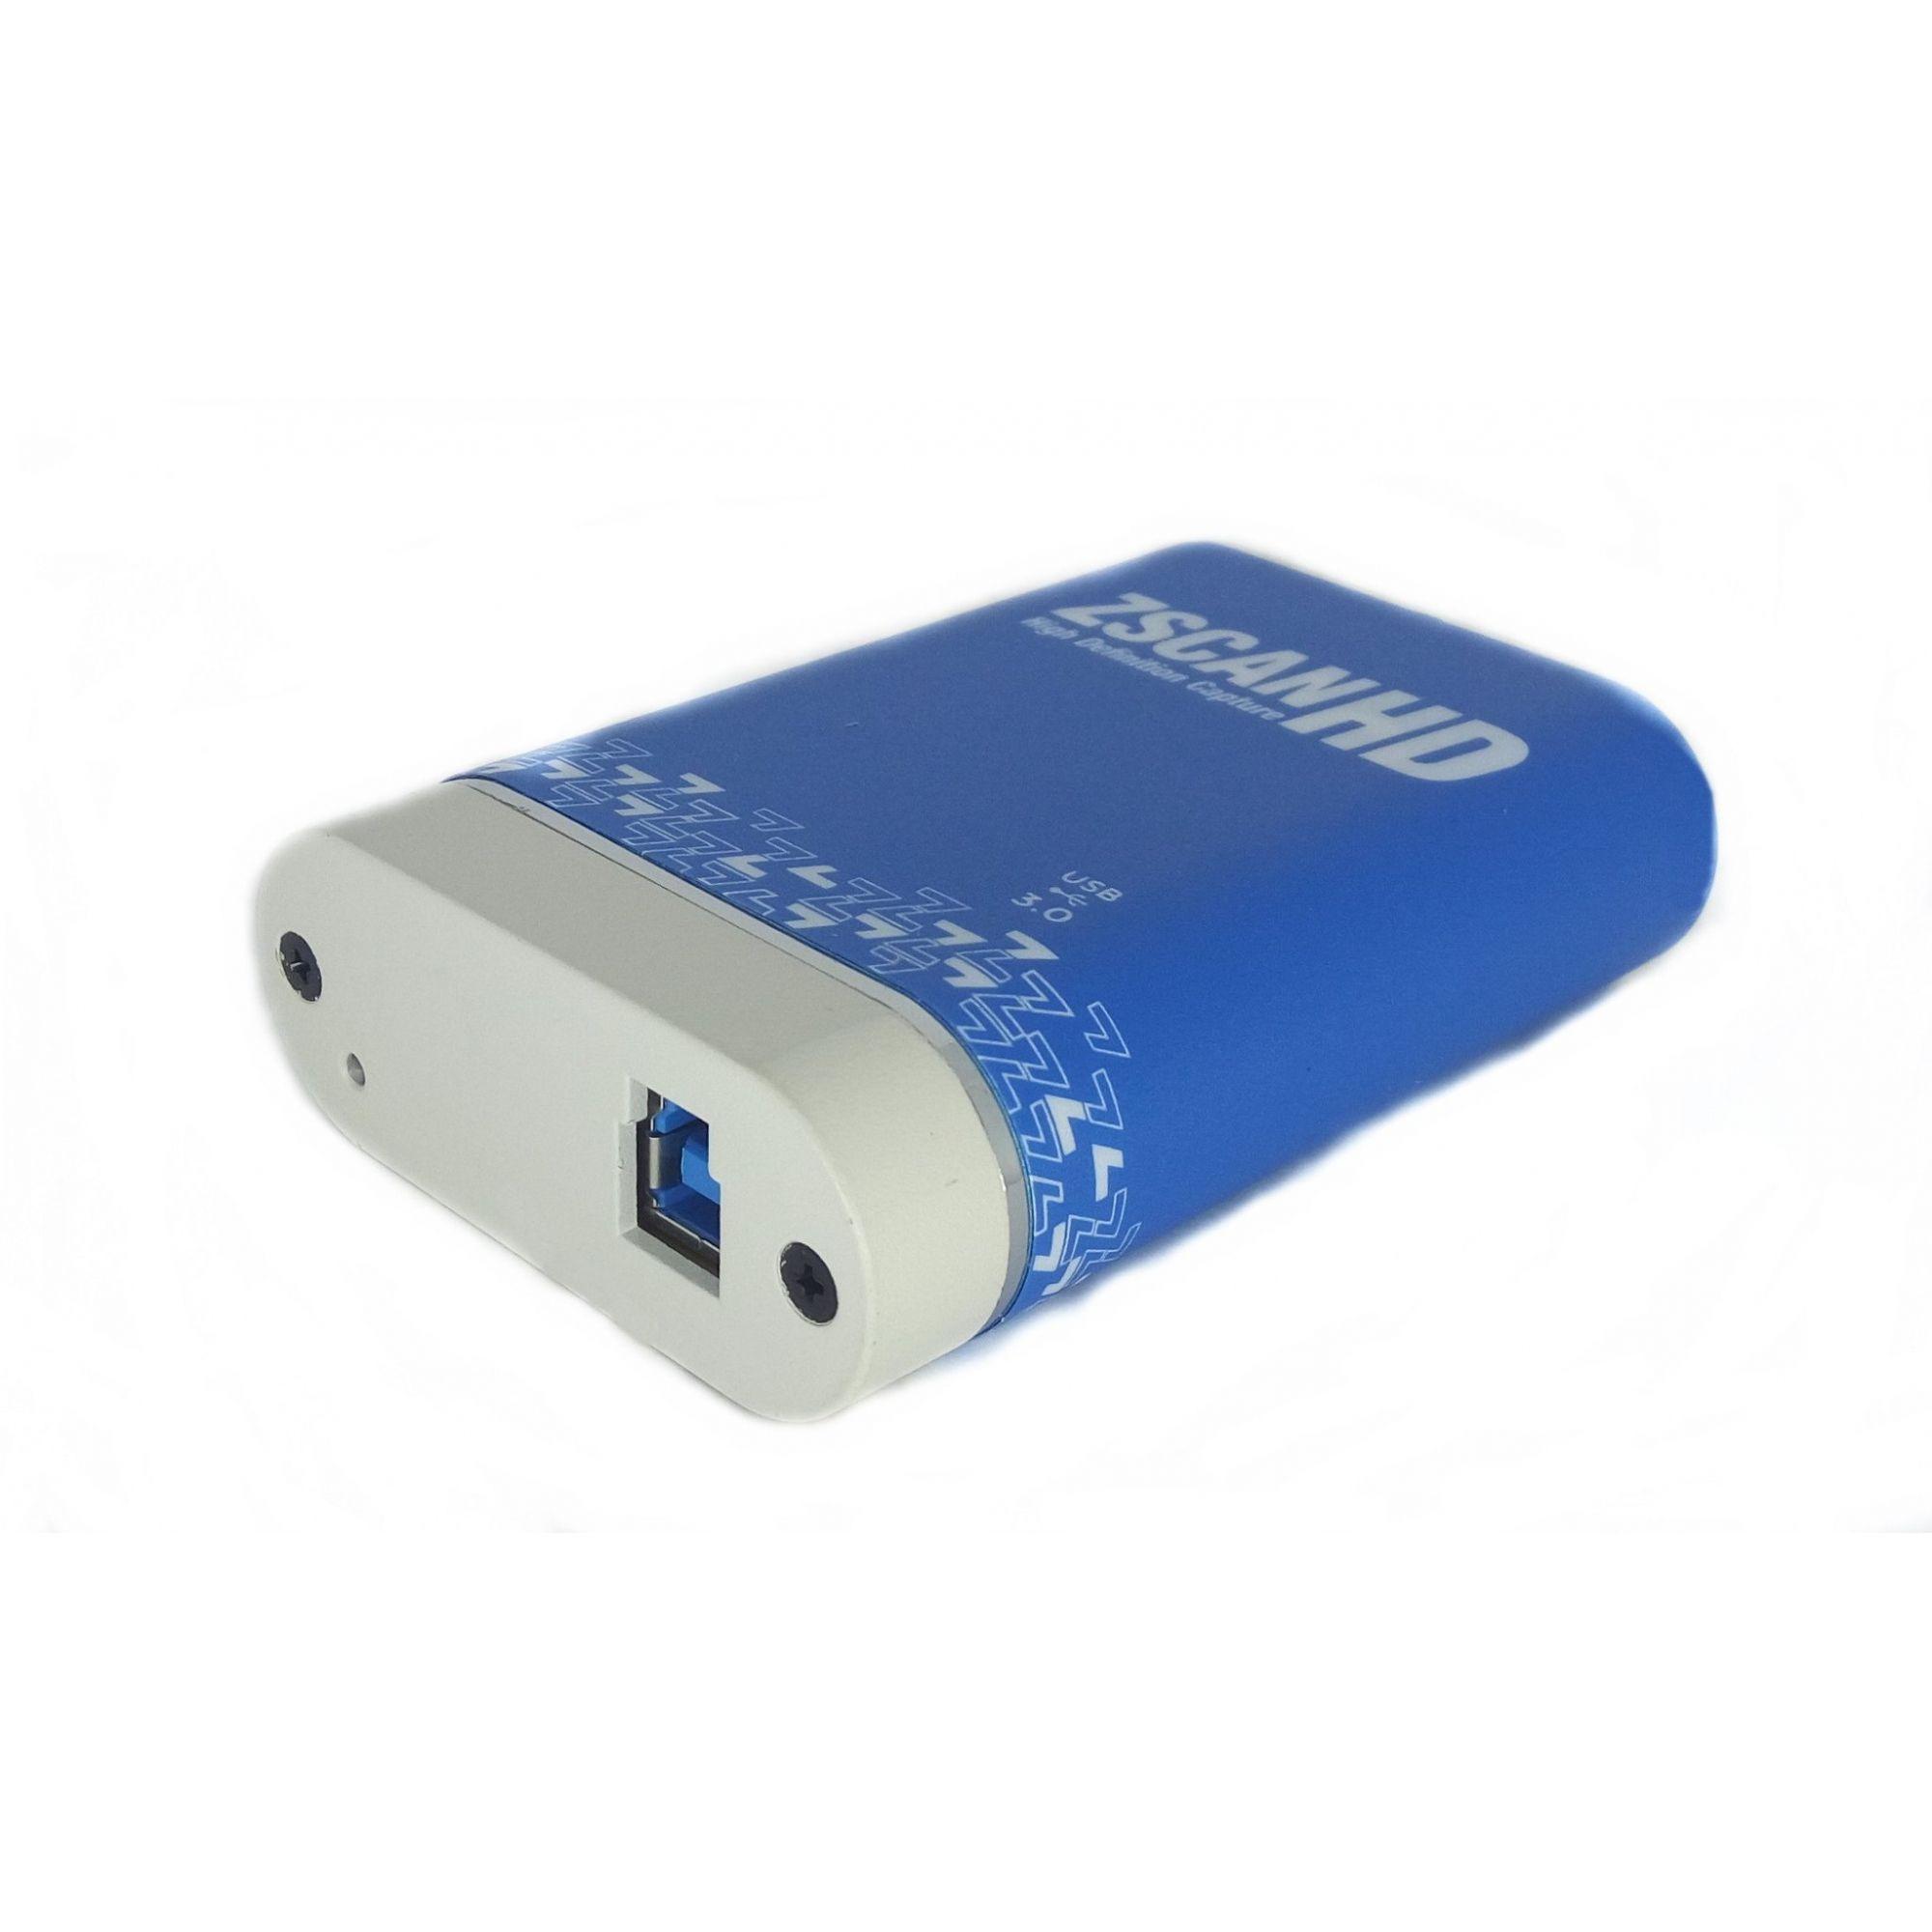 Placa de Captura Digital SDI-USB 3.0